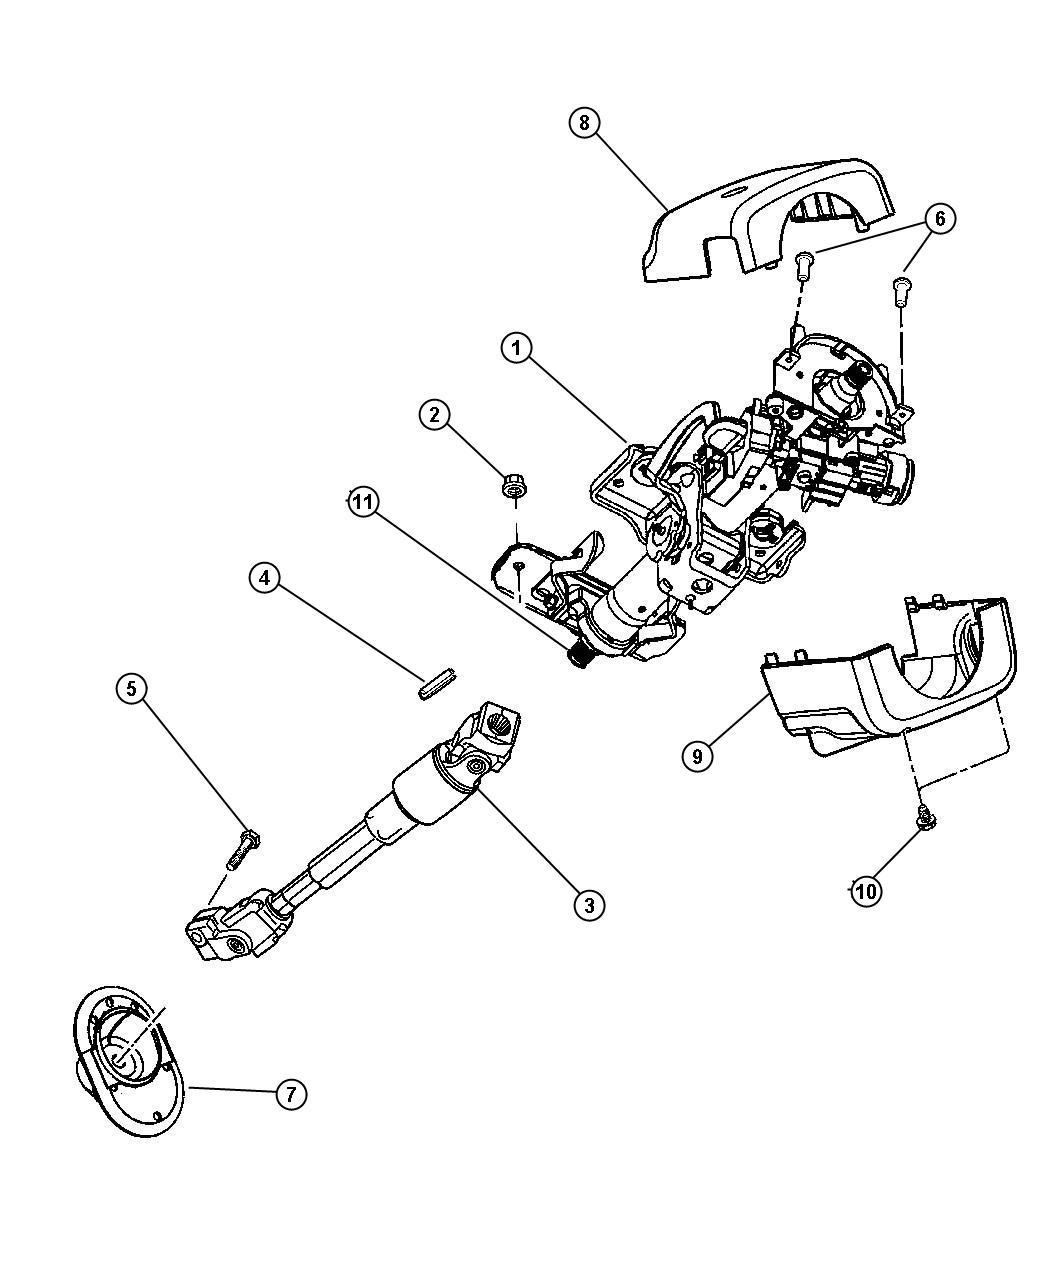 Chrysler Sebring Bearing Steering Column Upper